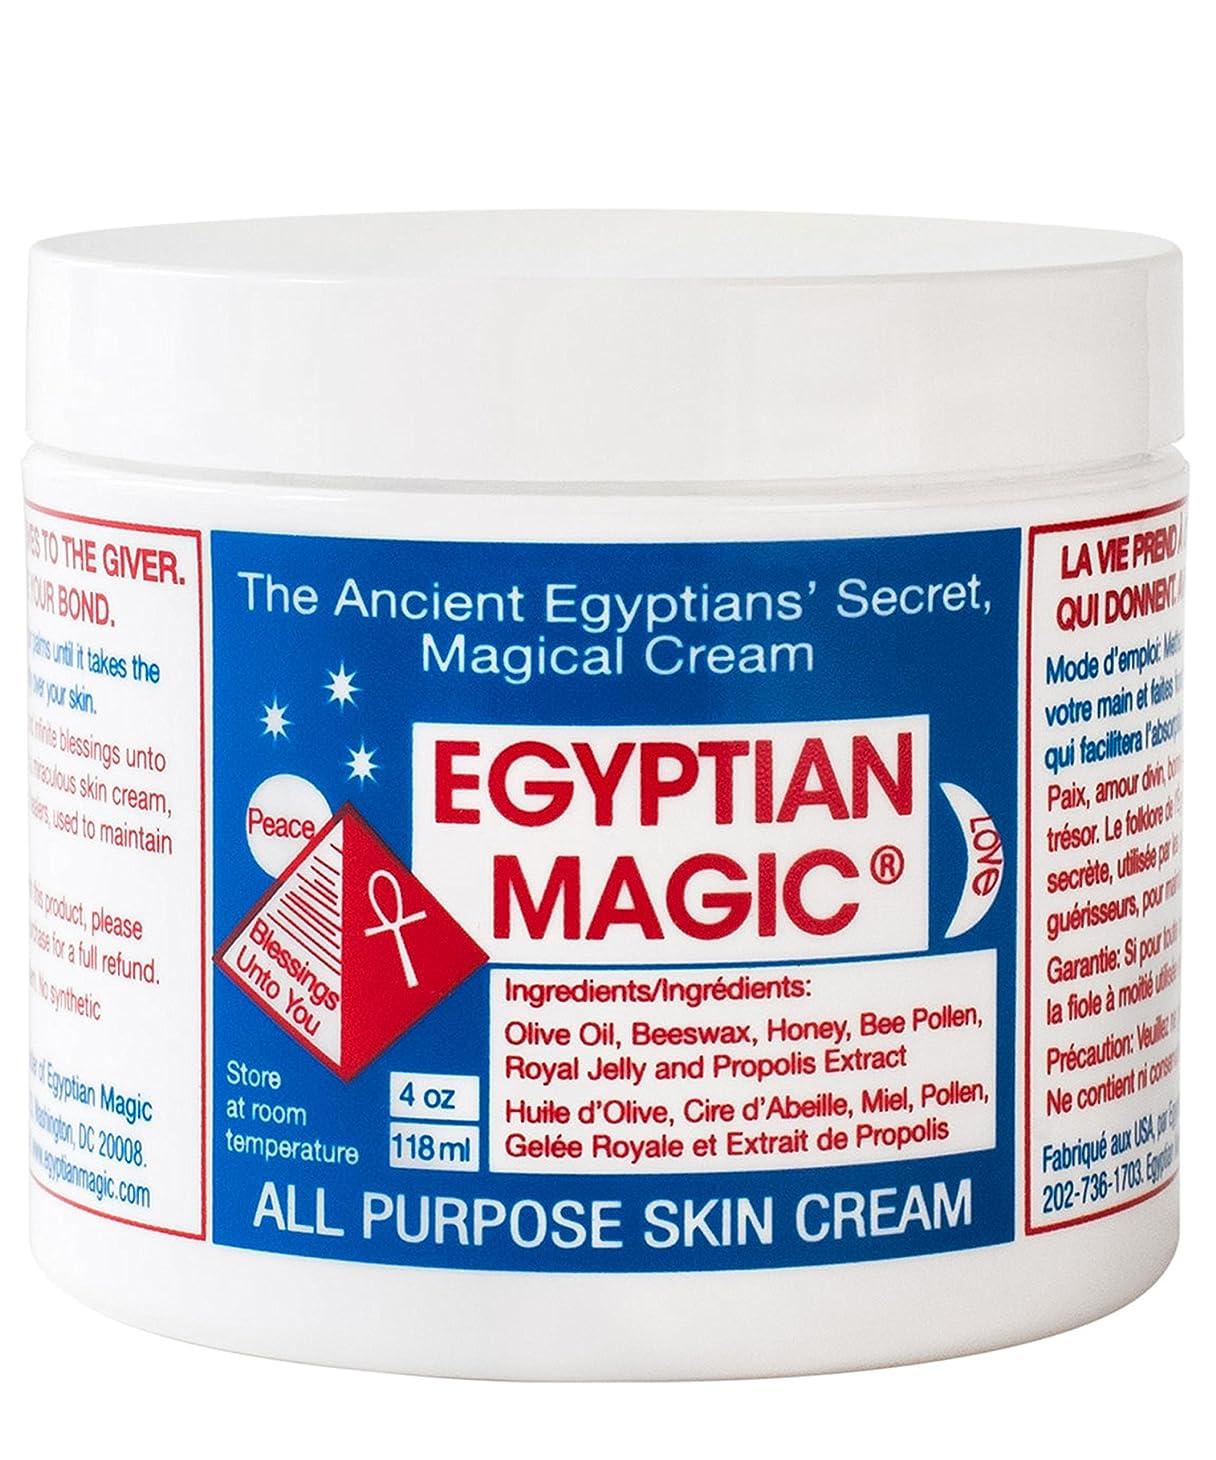 余計なトランクライブラリ着替えるEgyptian Magic All Purpose Skin Cream 118ml (Pack of 6) - エジプトの魔法の万能スキンクリーム118ミリリットル x6 [並行輸入品]